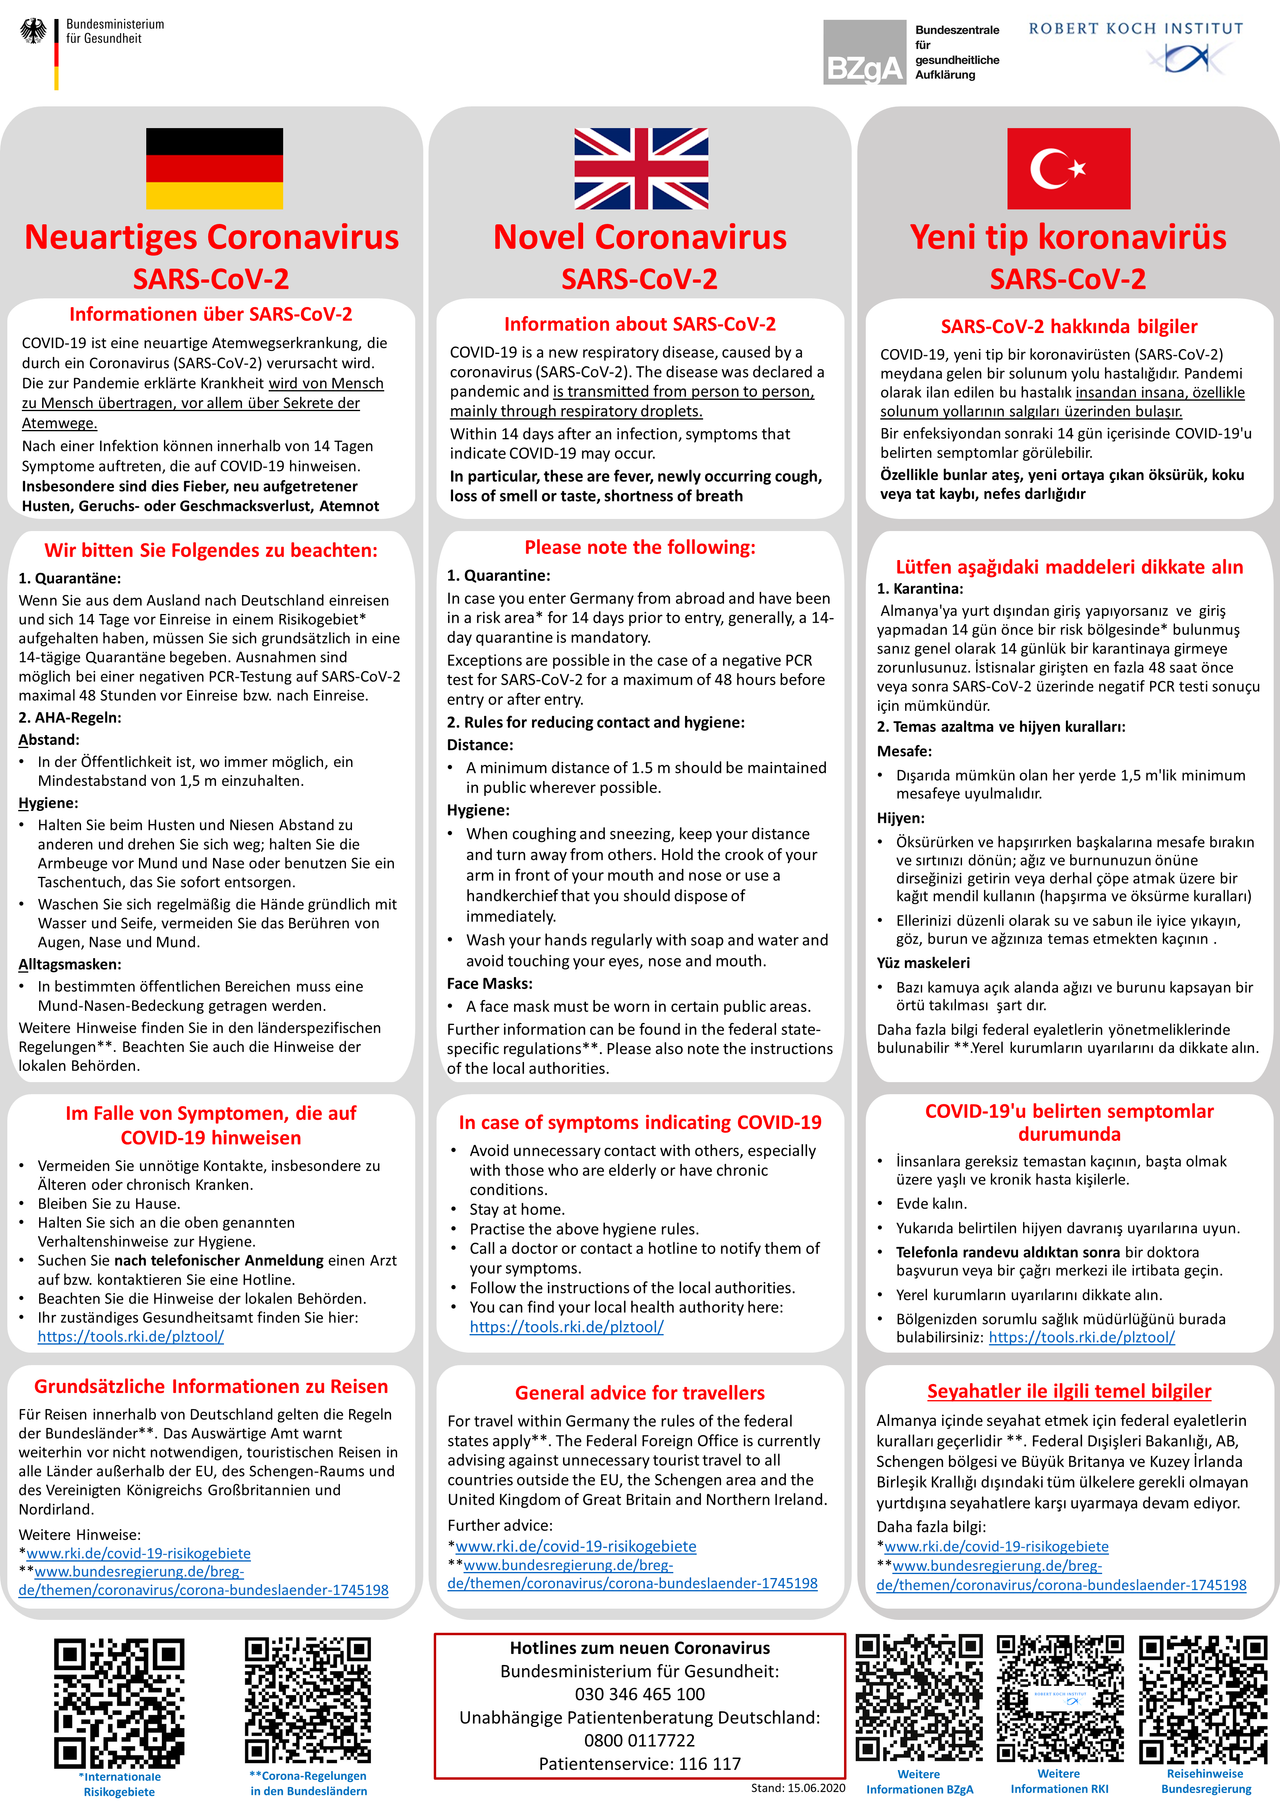 Coronavirus Information for passengers